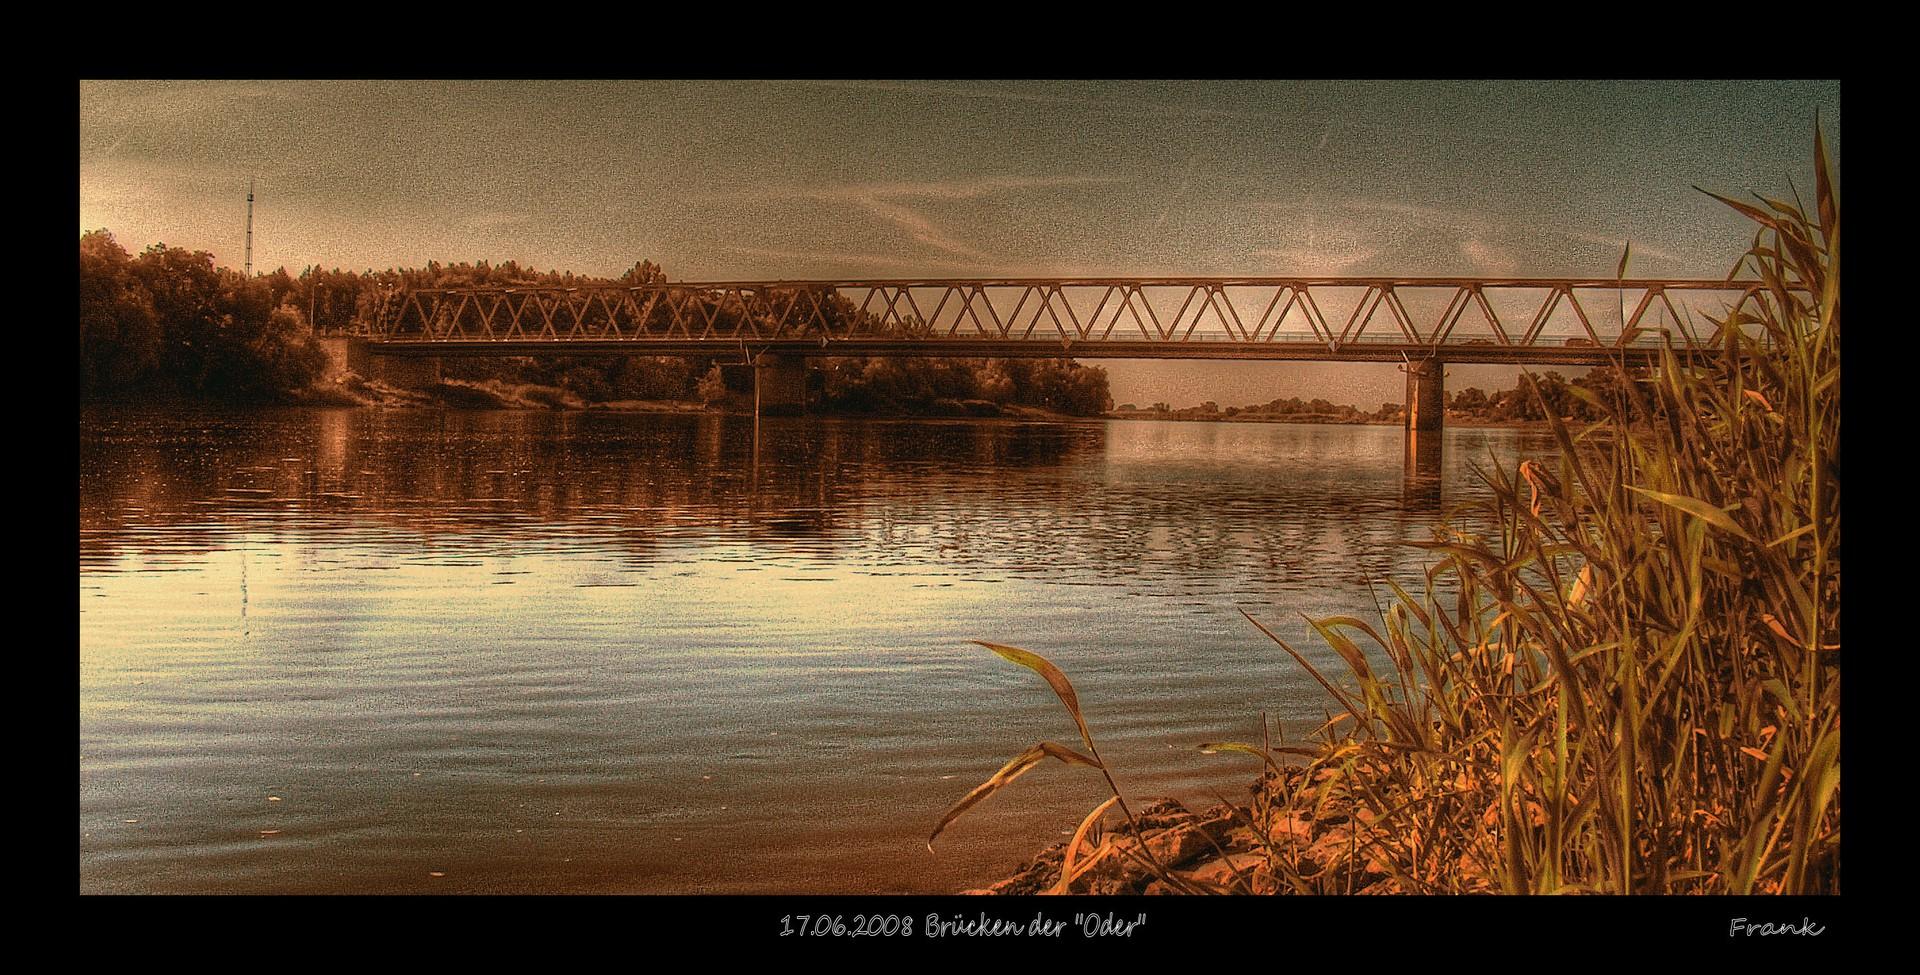 Die Brücke 2